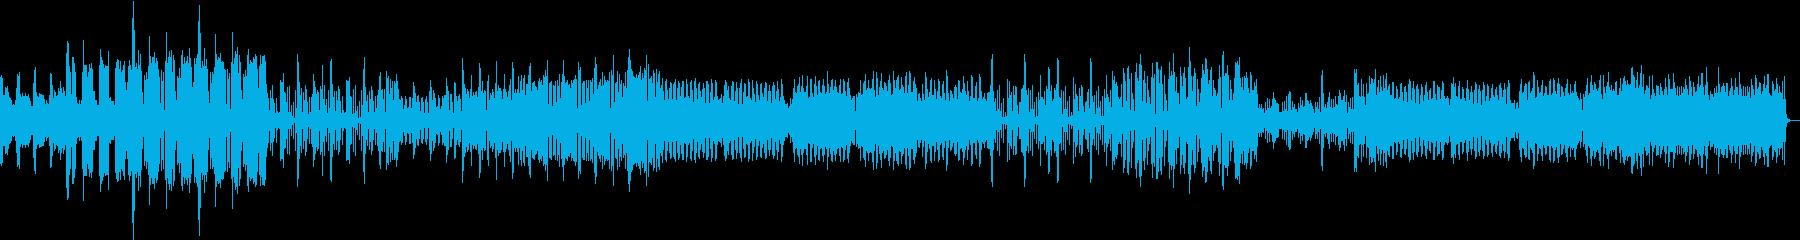 ビートを刻むエレクトロダンスミュージックの再生済みの波形